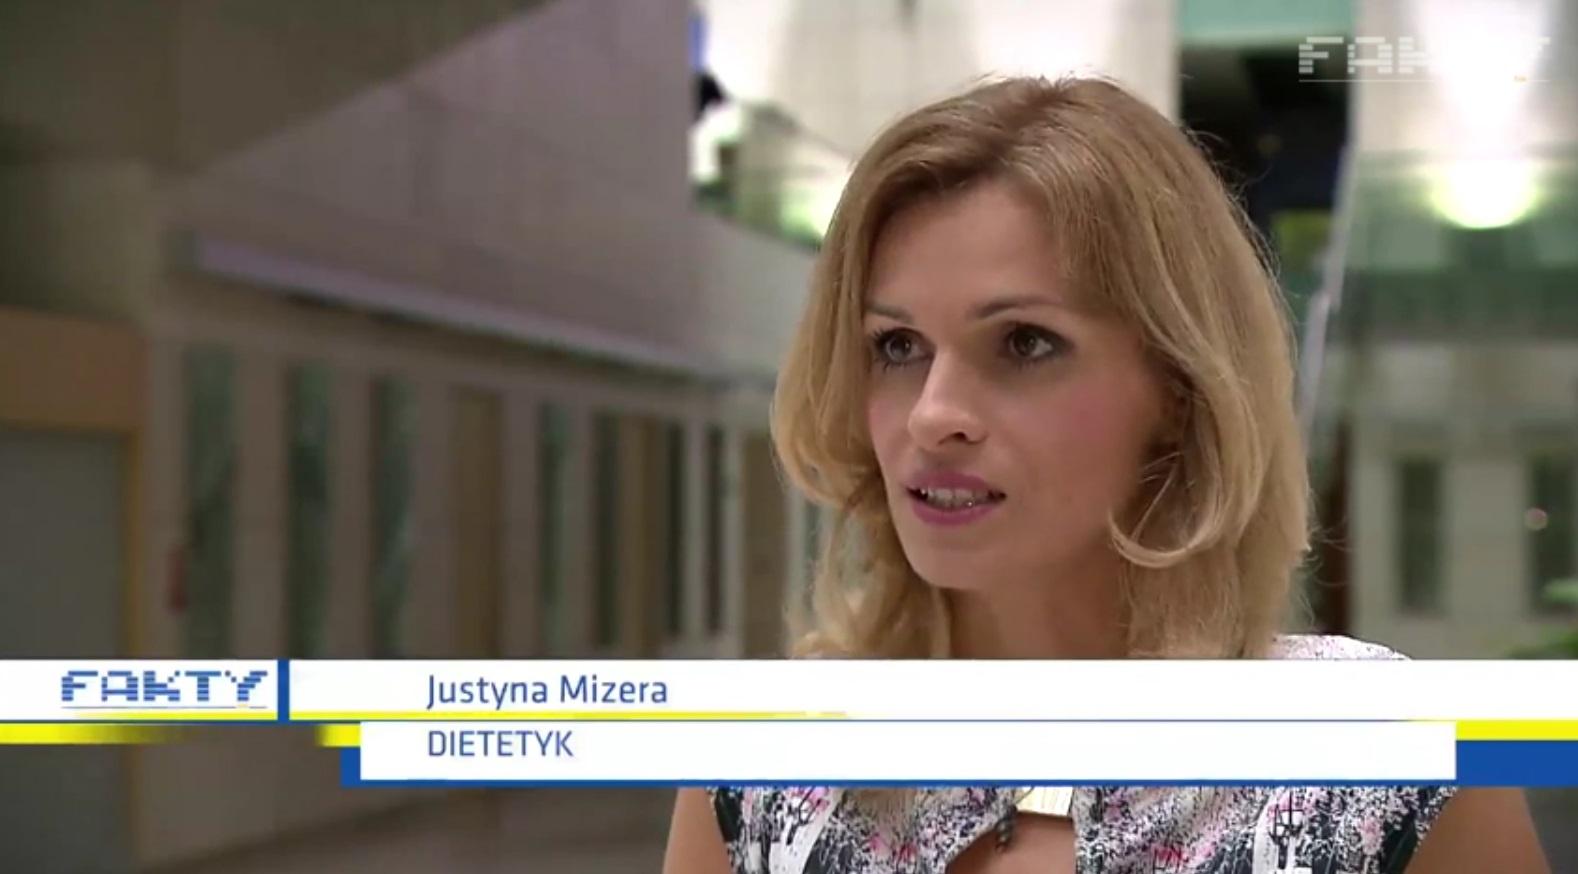 dietetyk sportowy Warszawa Justyna Mizera